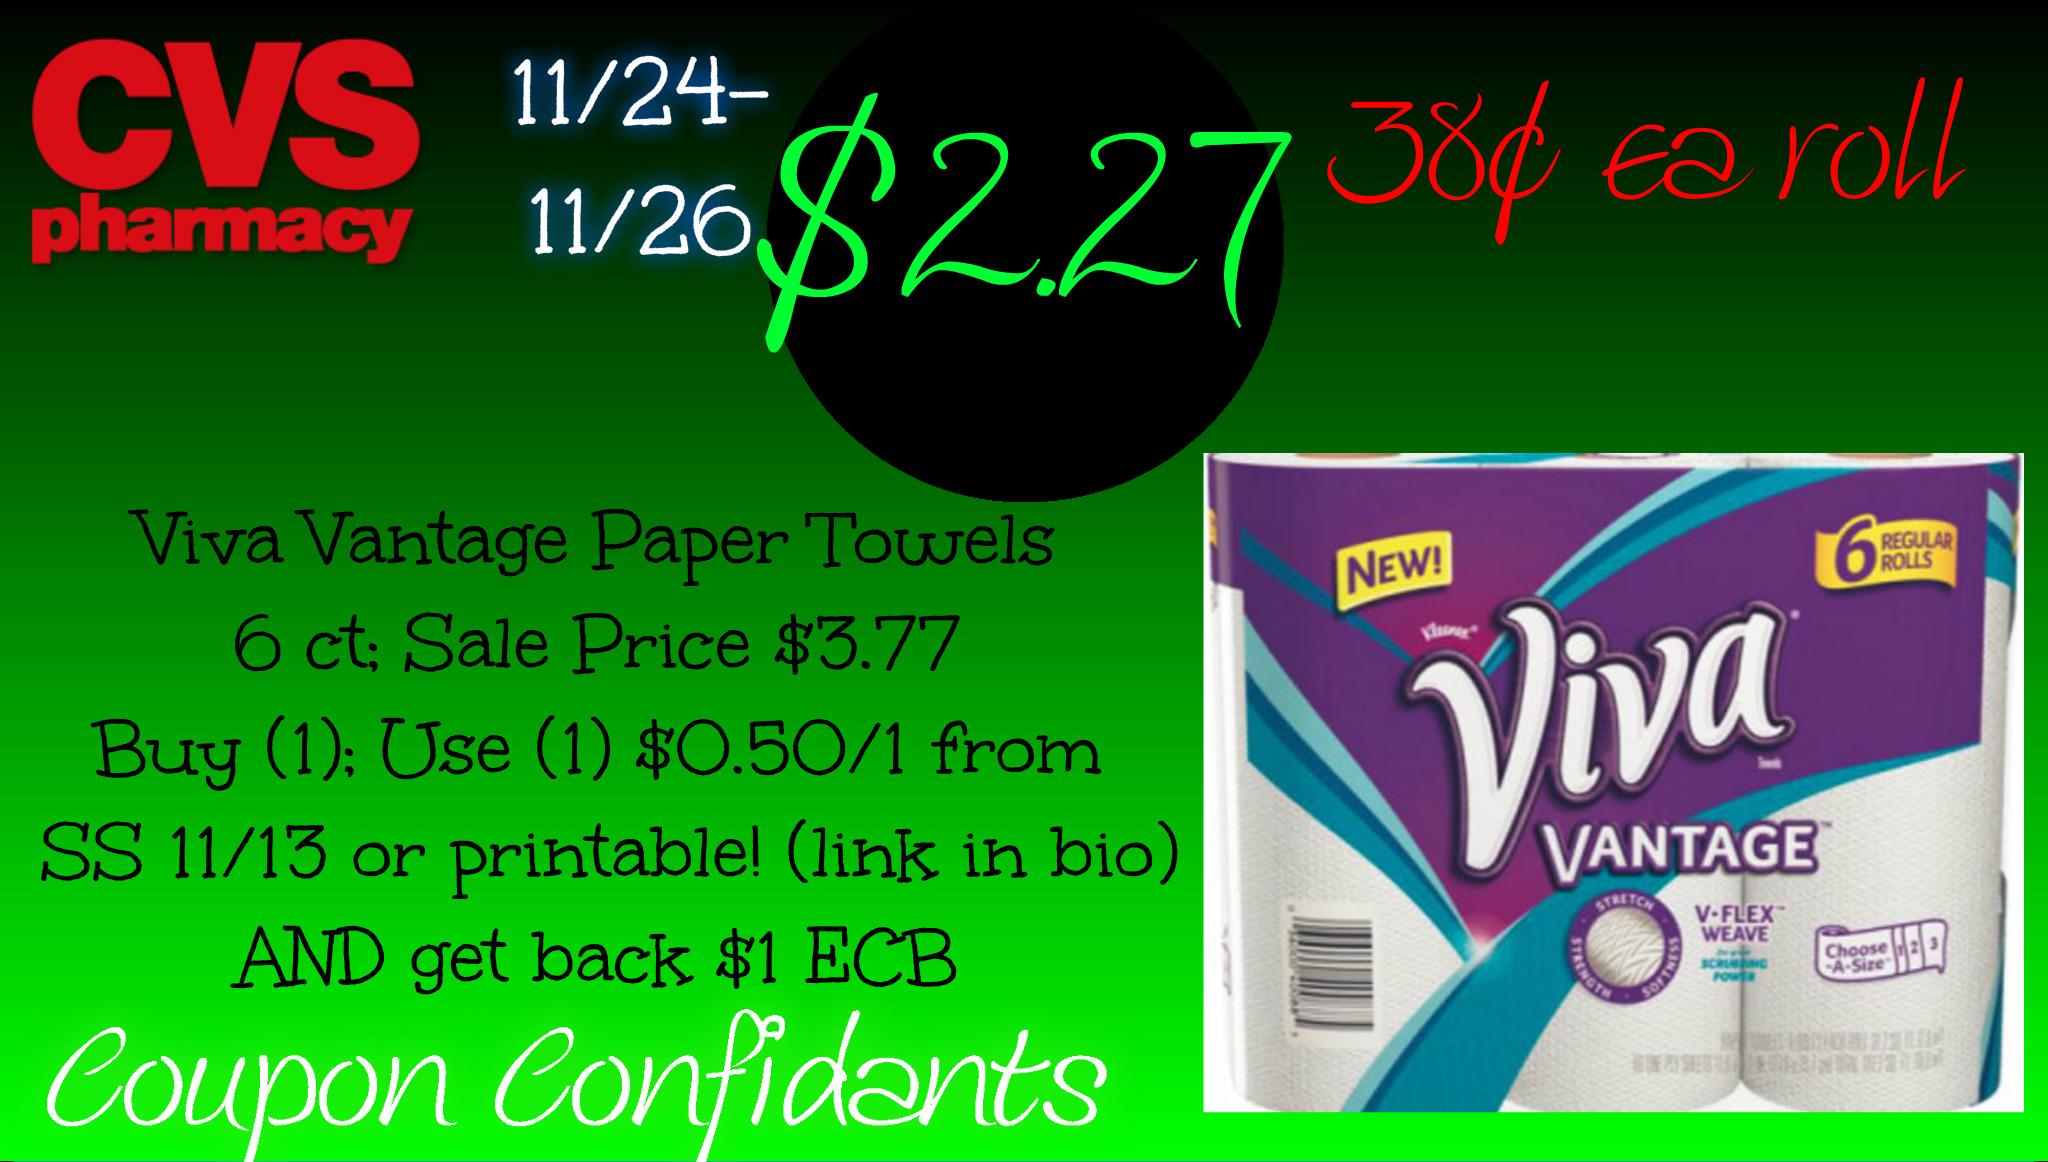 HOT deal on Viva Vantage Paper Towels at CVS!